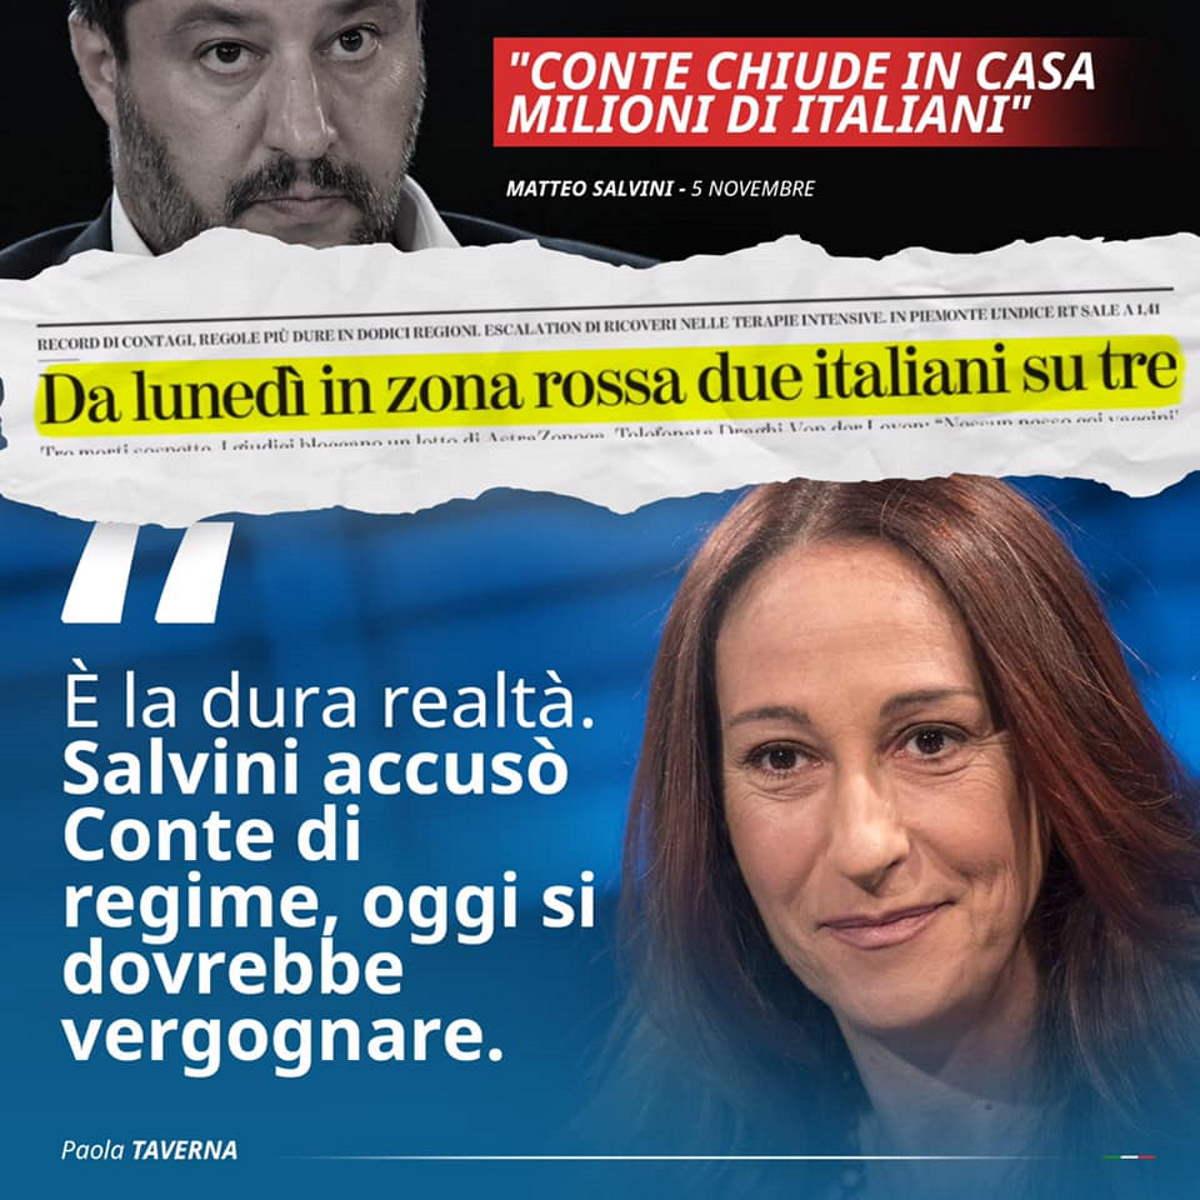 Covid: la senatrice Taverna ha ricordato a Salvini quando ha attaccato Conte per le chiusure, mentre adesso con Draghi tace